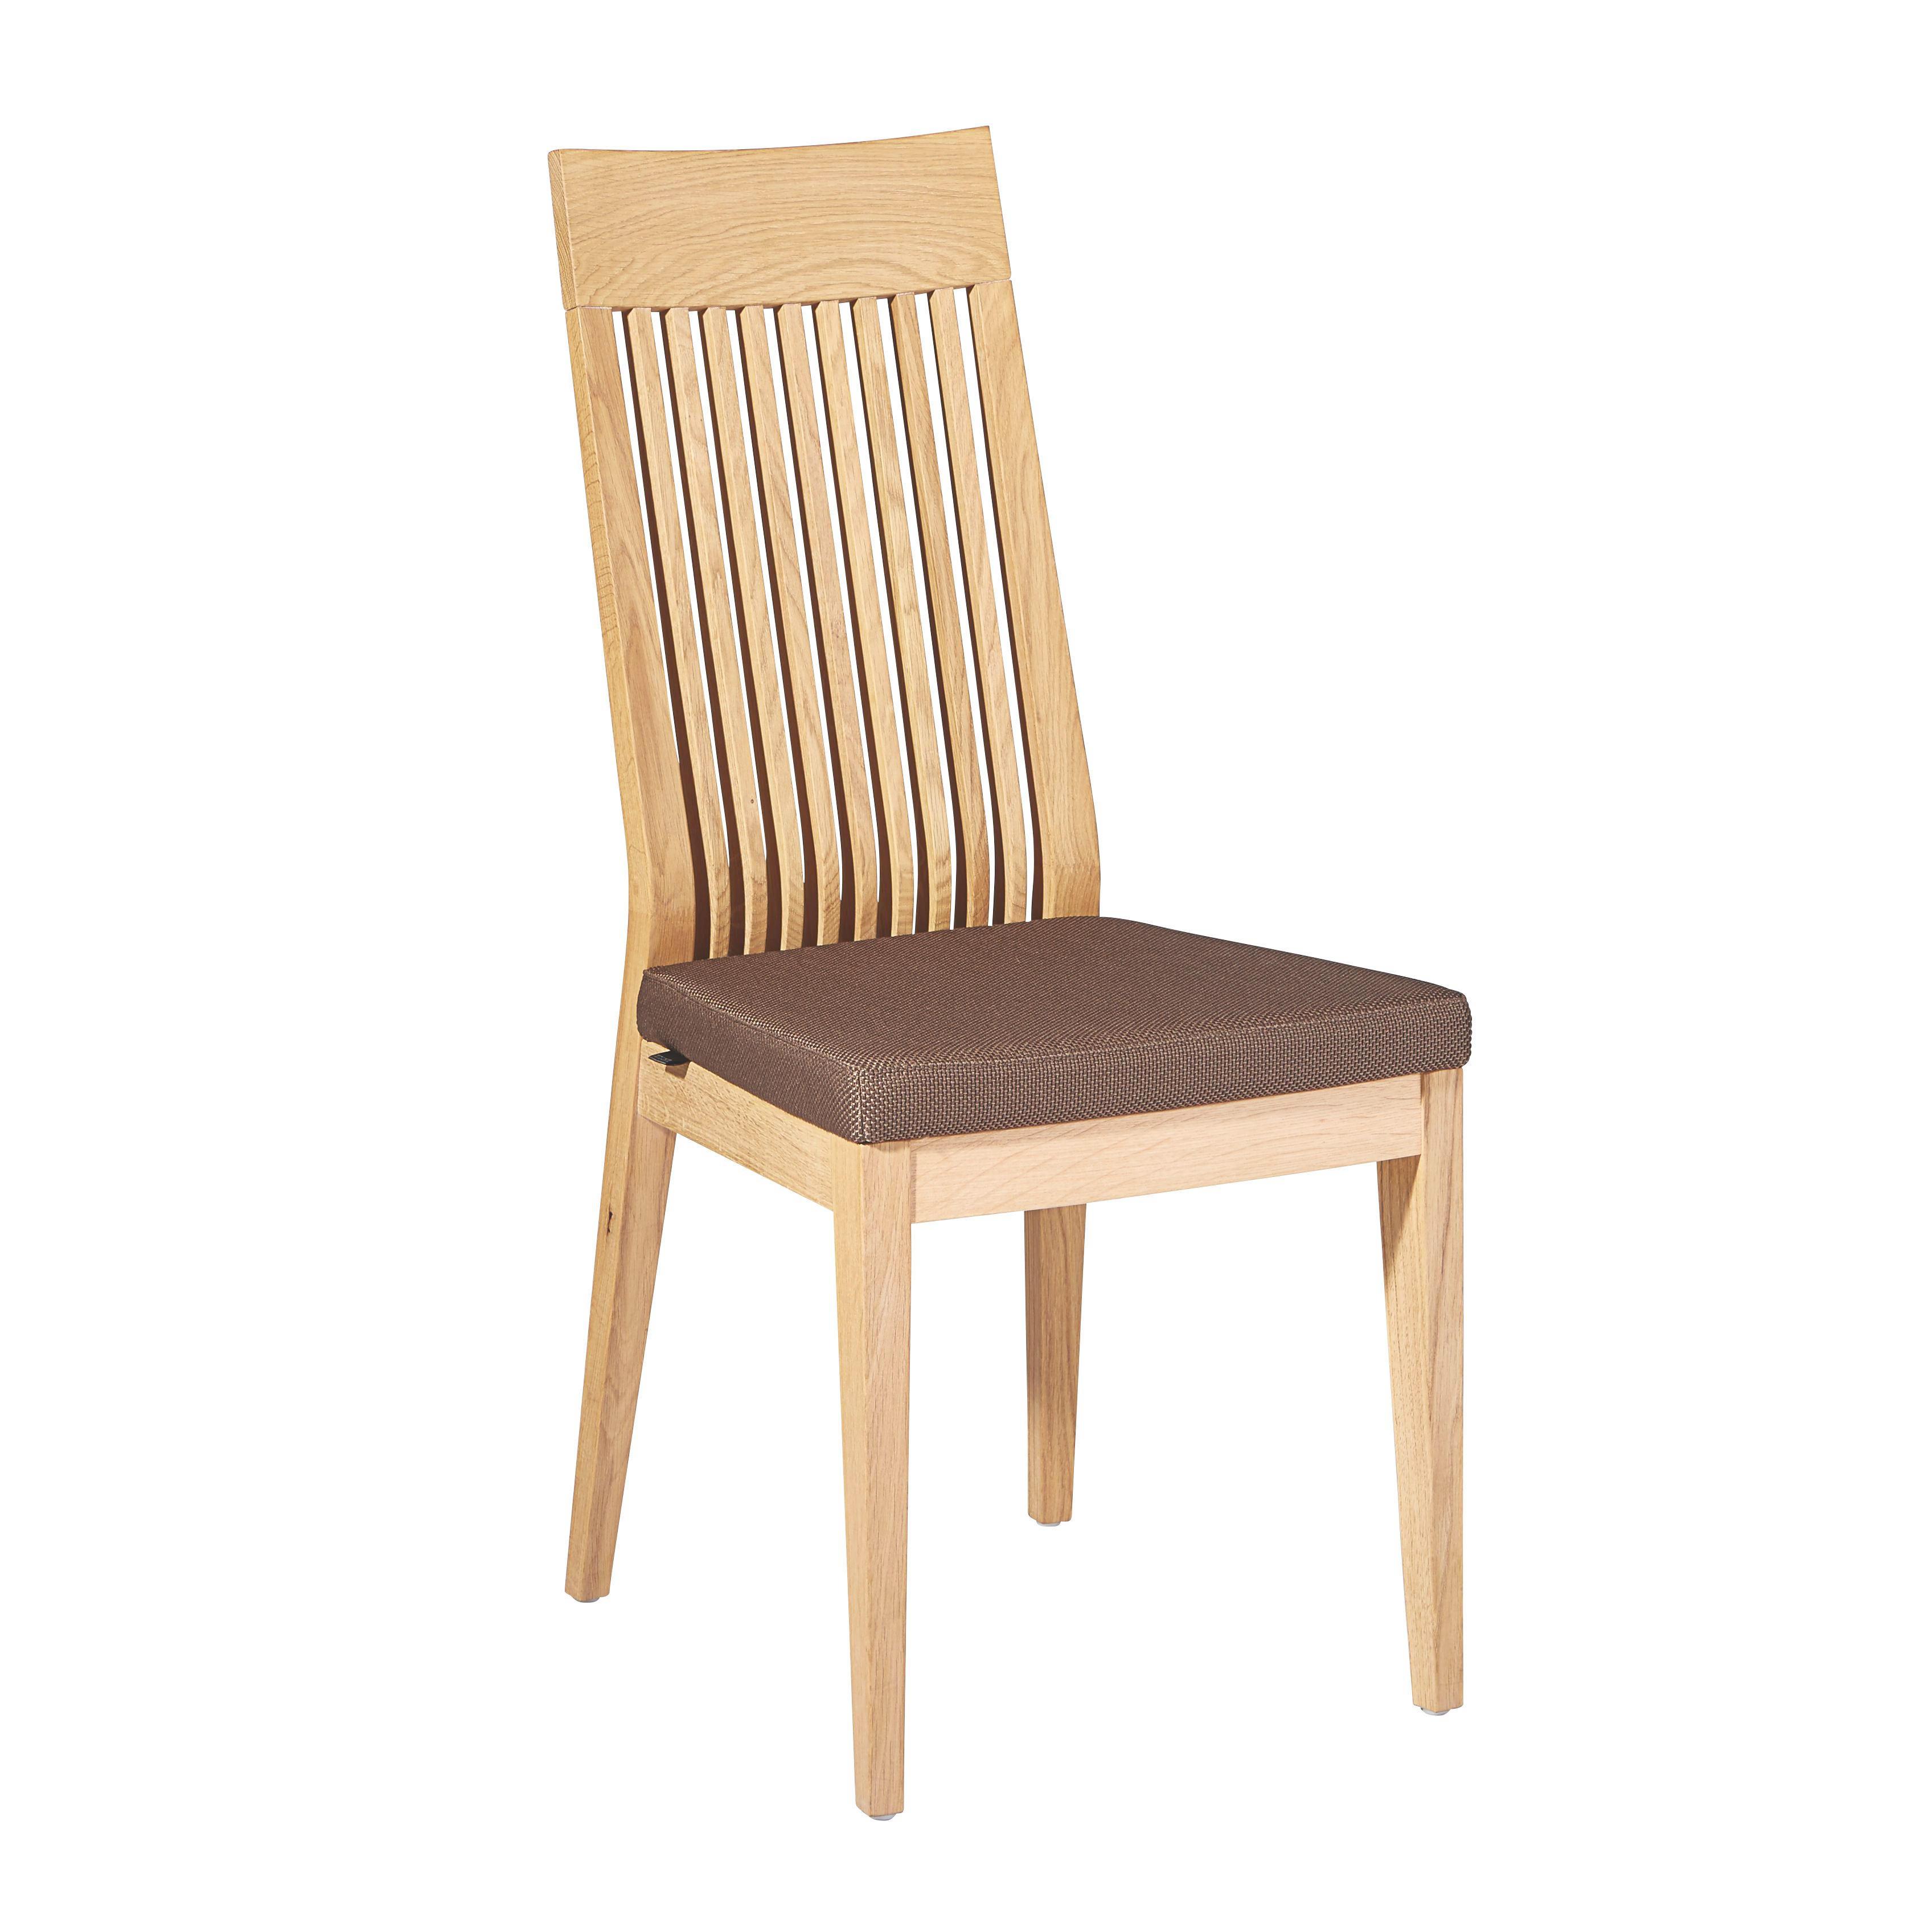 Stühle online Venjakob online XXXLutz Venjakob Venjakob kaufen XXXLutz Stühle kaufen xrBCdoe